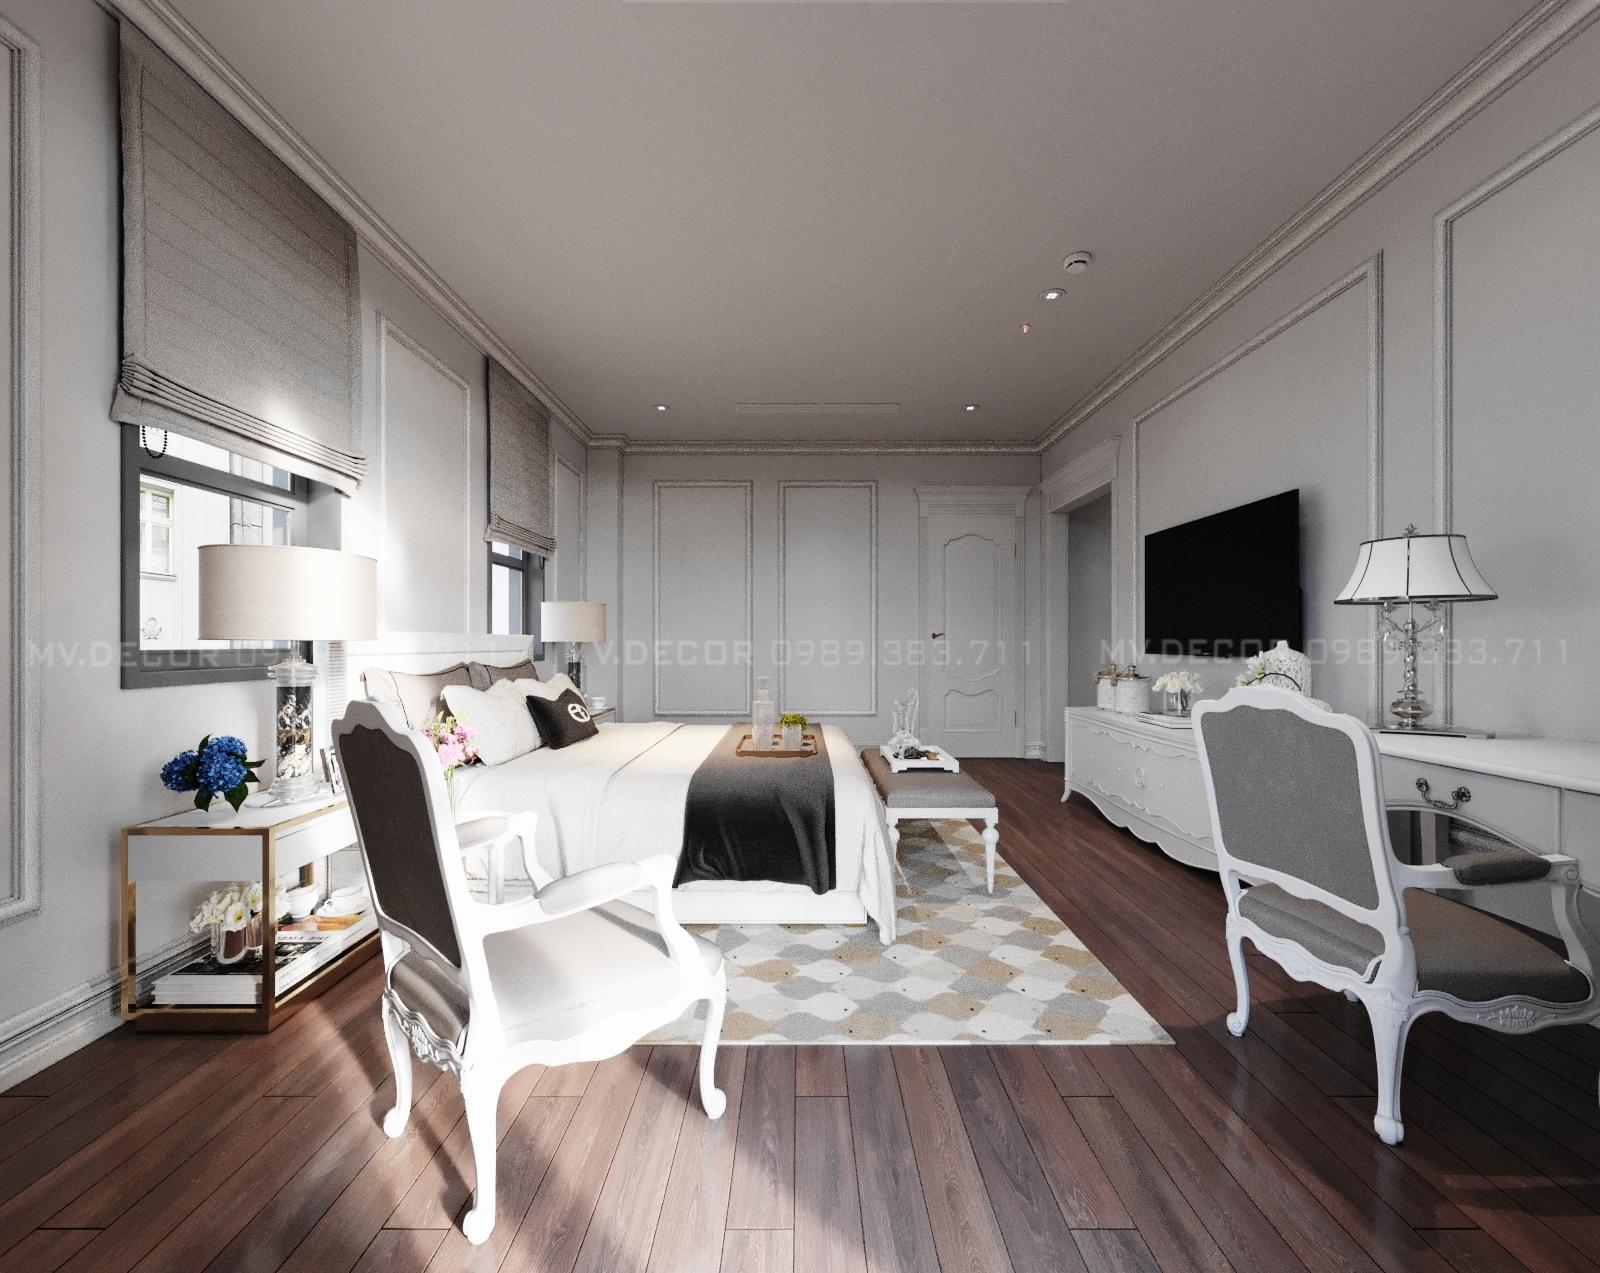 thiết kế nội thất Biệt Thự tại Hải Phòng BT VENICE 6-26 19 1564932018